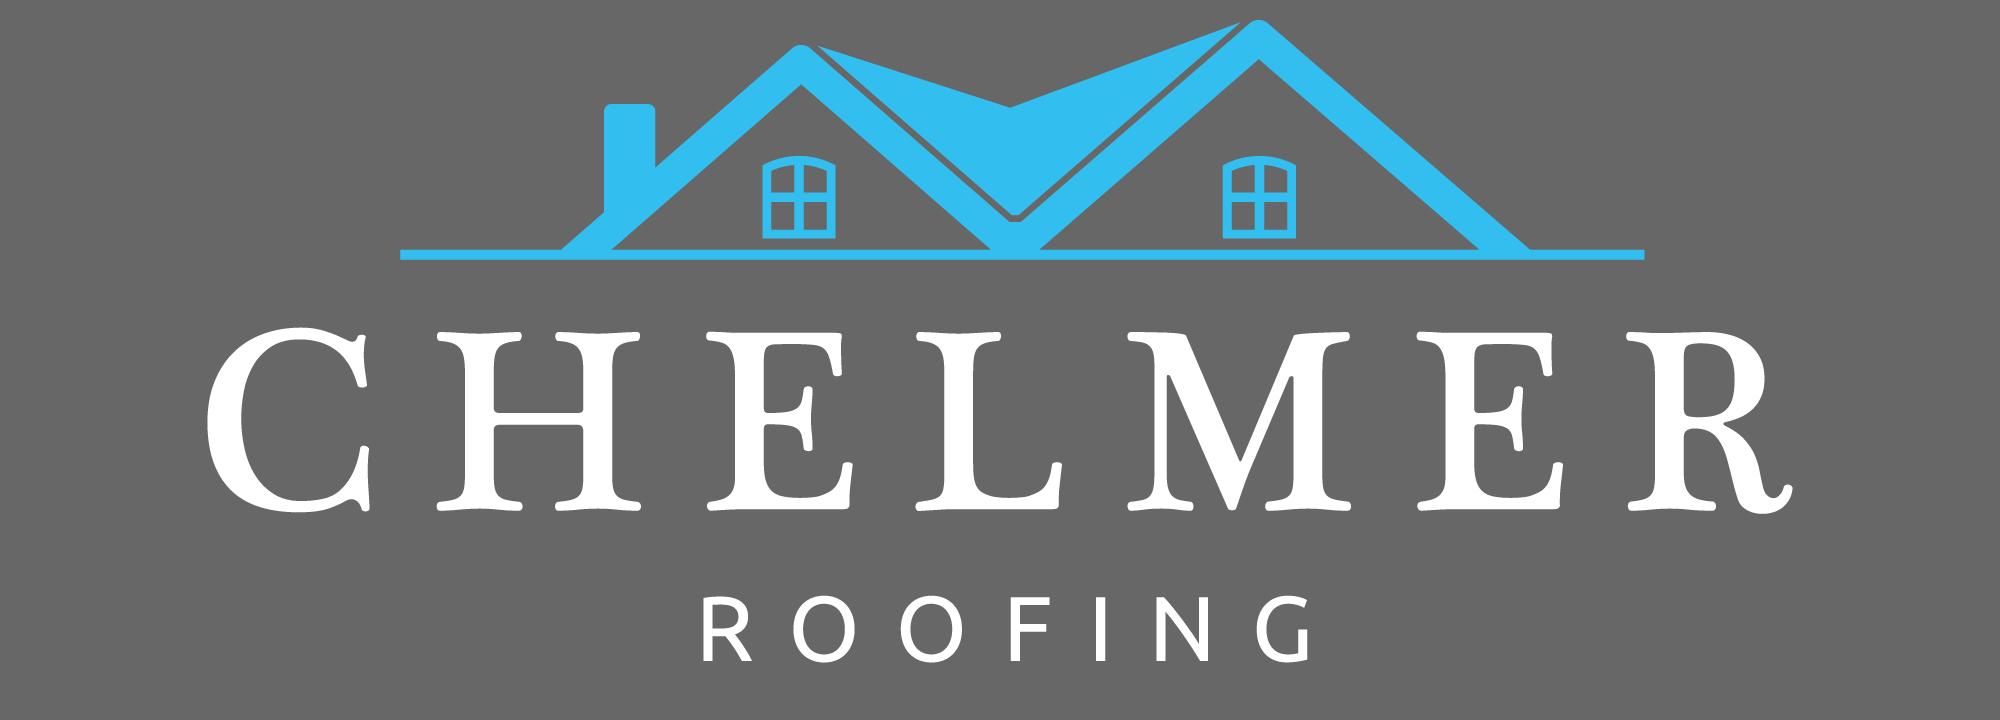 Chelmer-Roofing